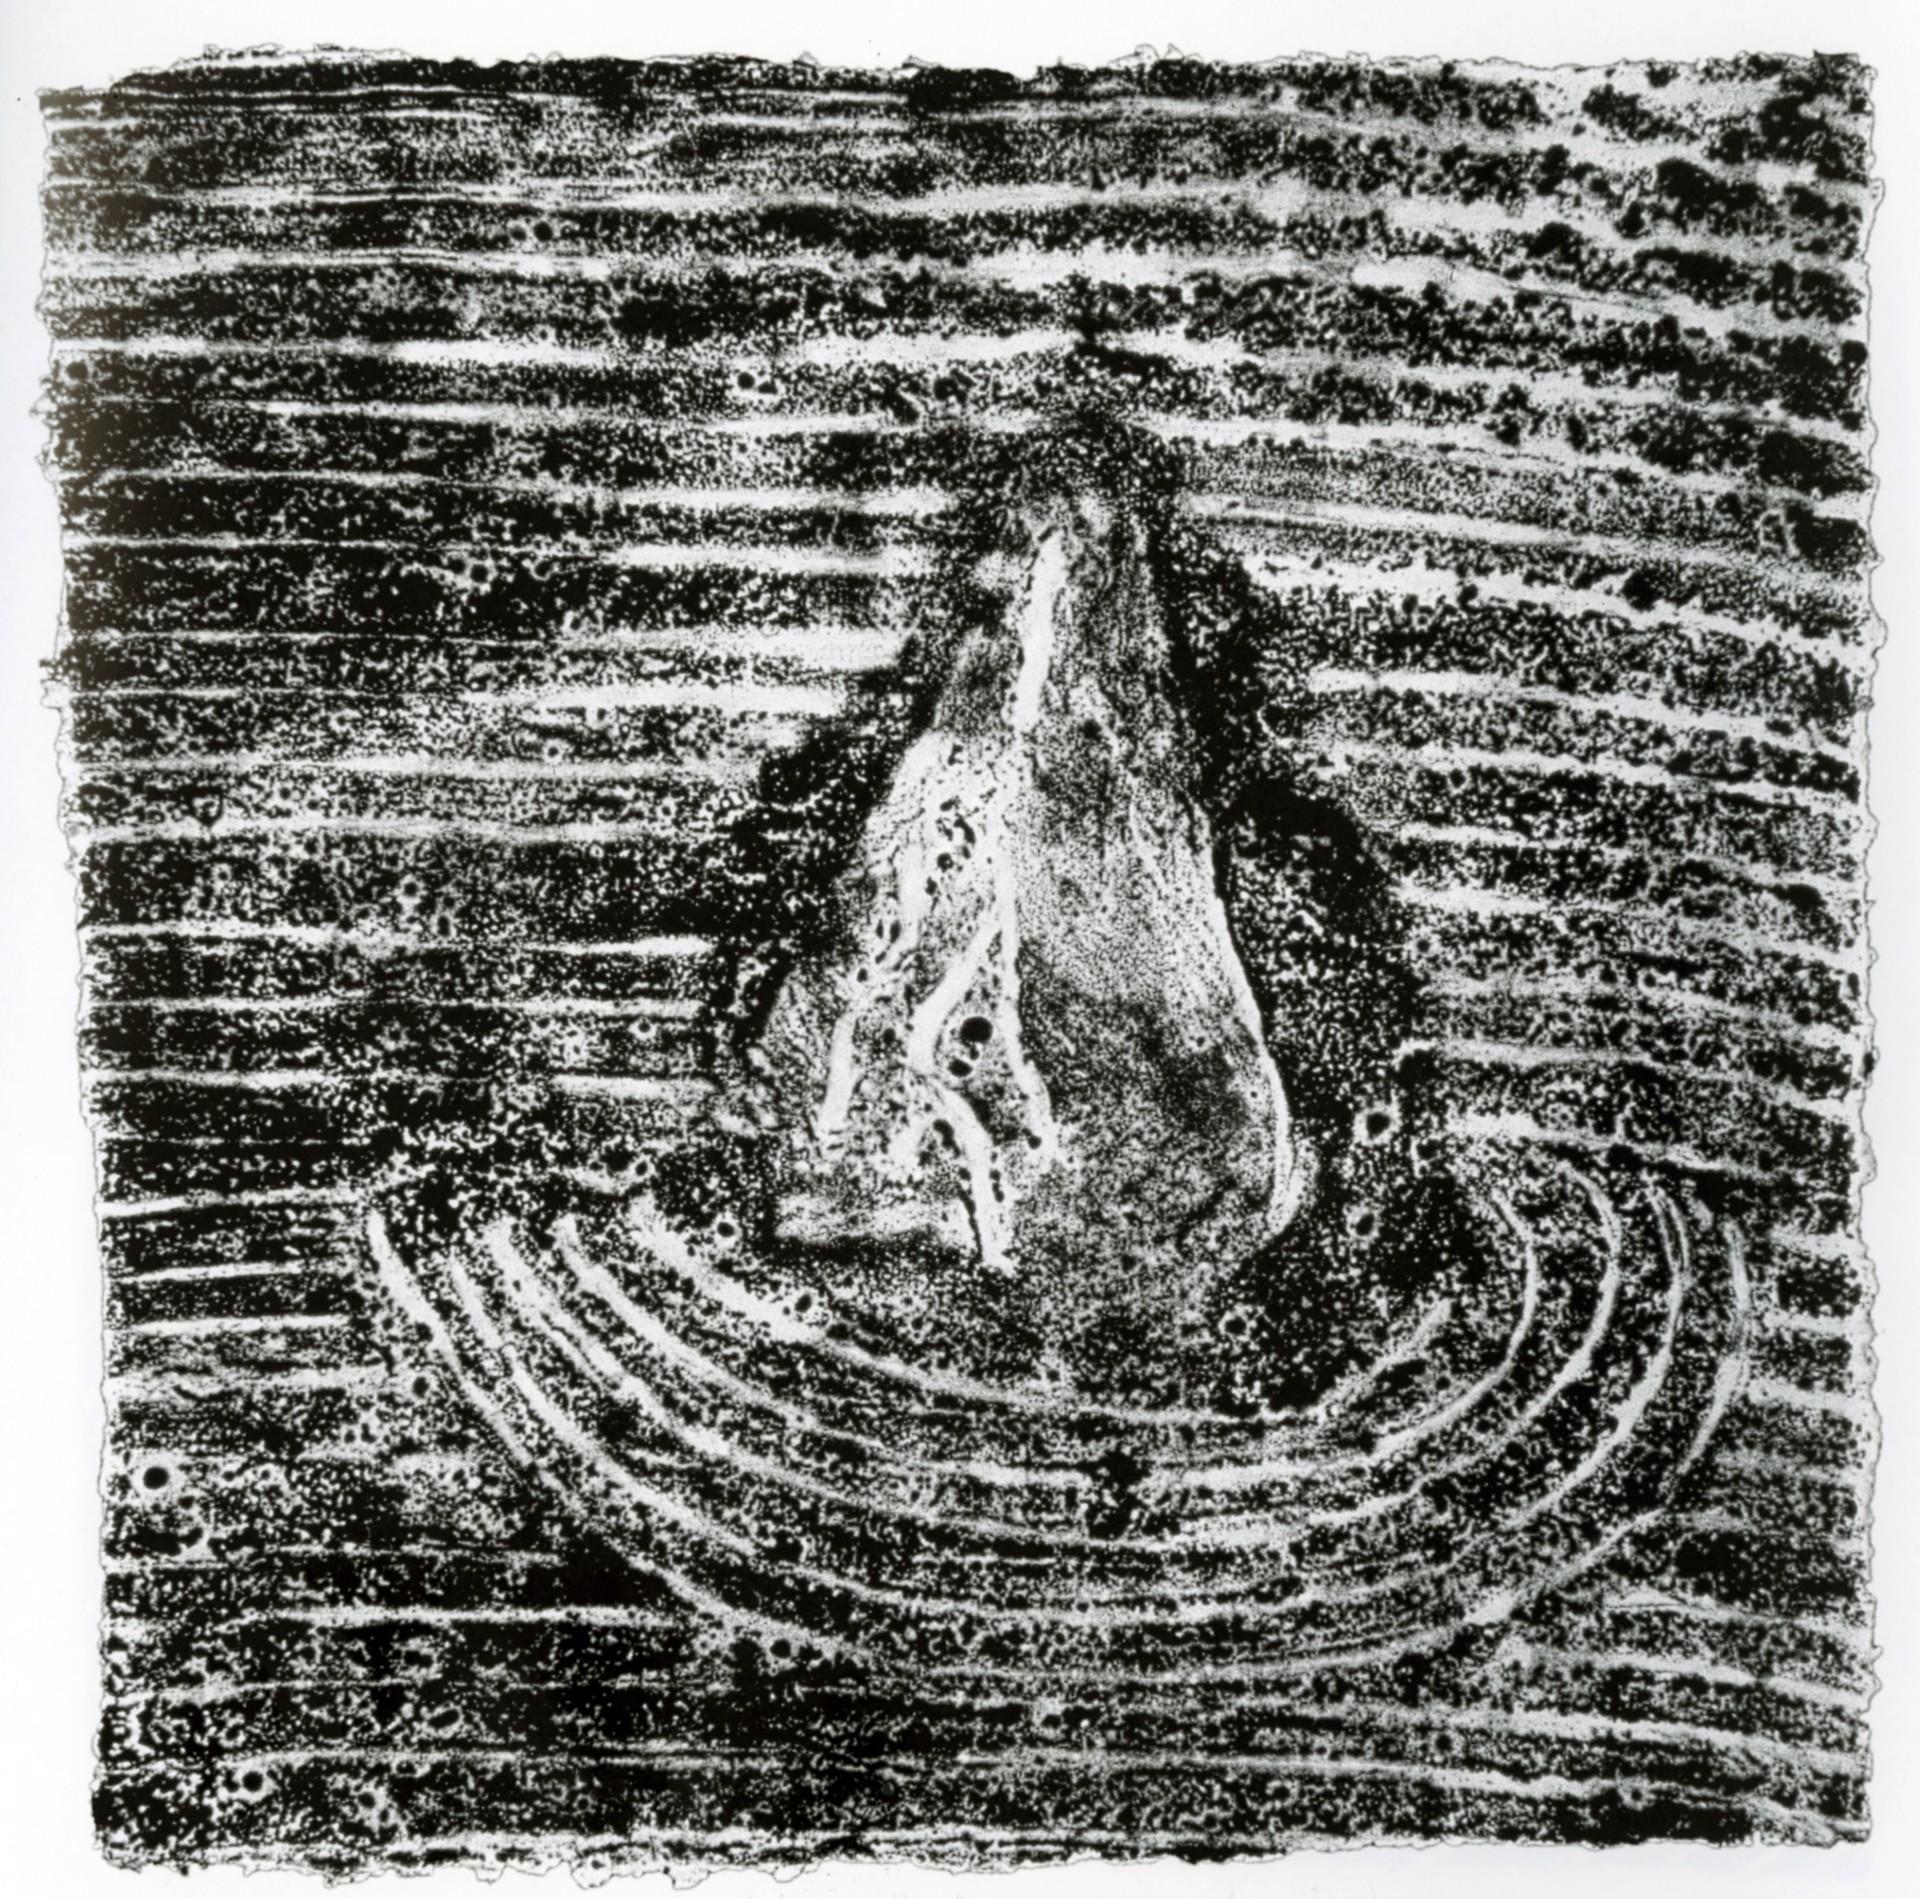 Untitled (1 dark) by David Lynch